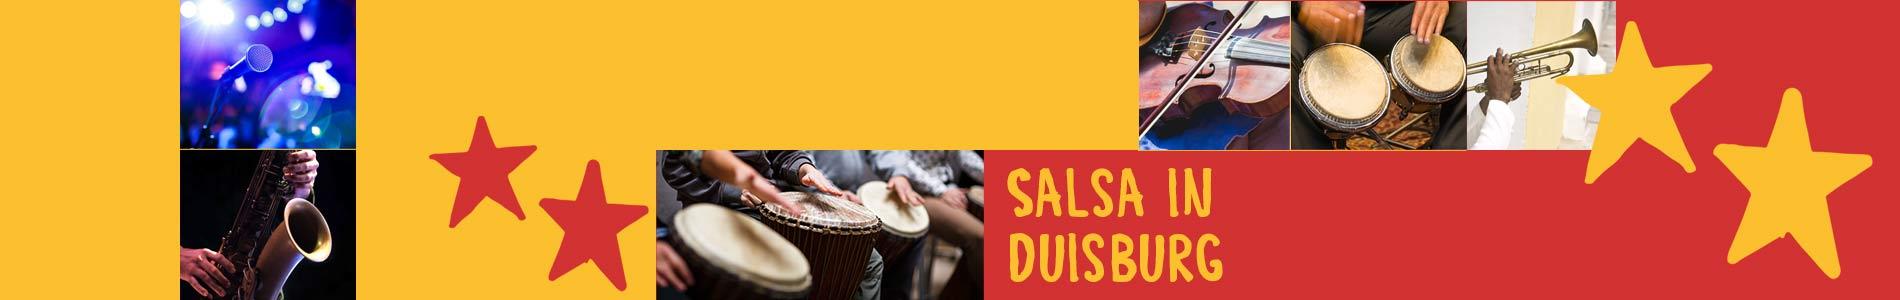 Salsa in Duisburg – Salsa lernen und tanzen, Tanzkurse, Partys, Veranstaltungen